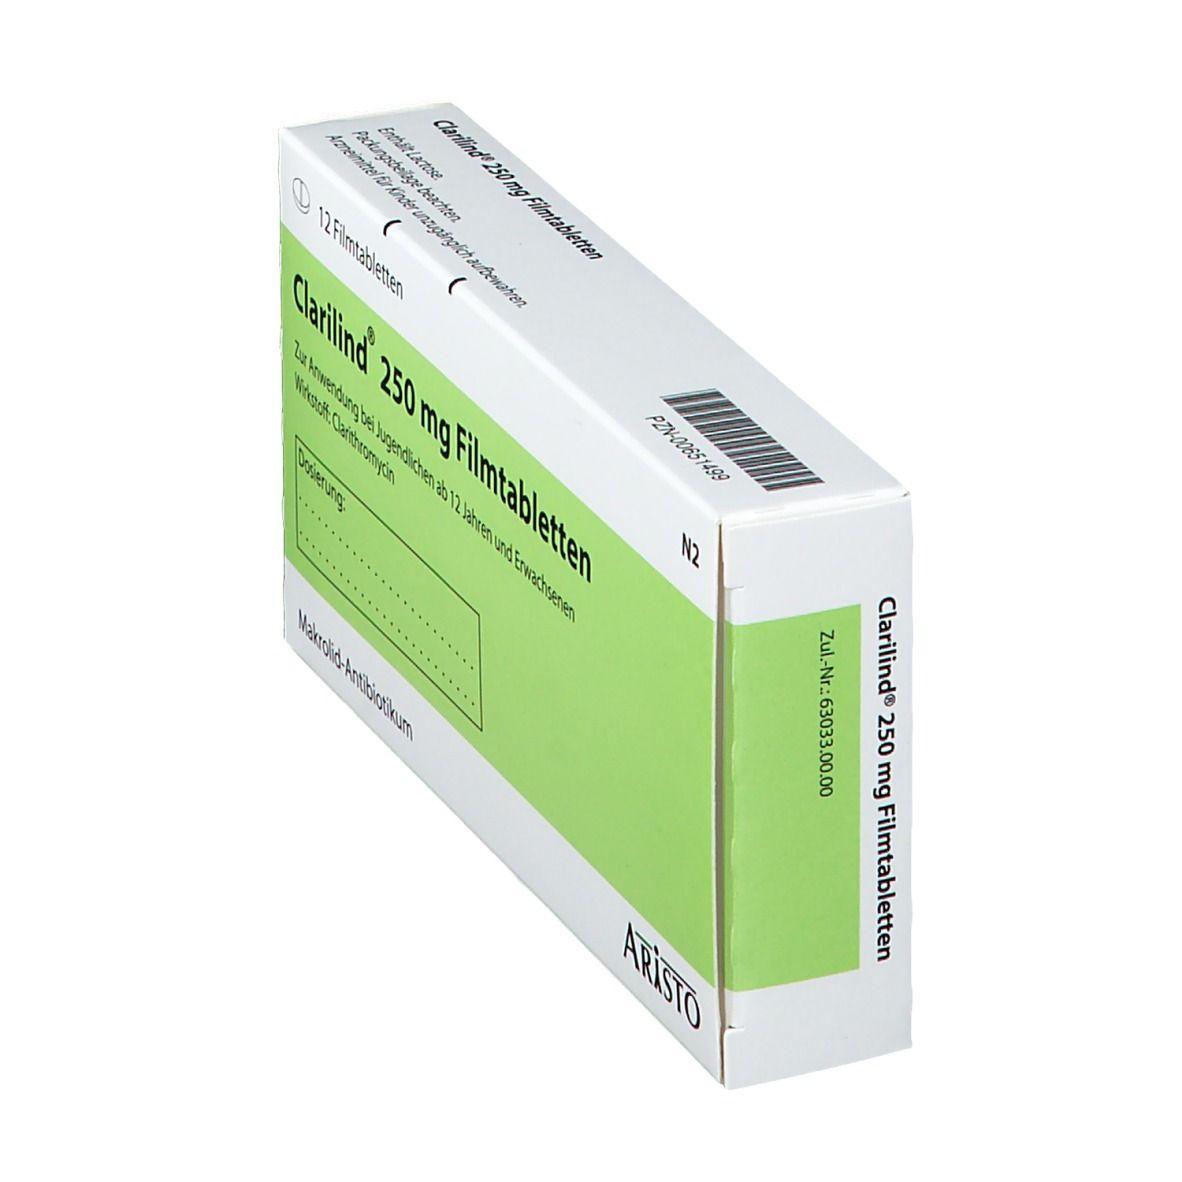 CLARILIND 250 mg Filmtabletten